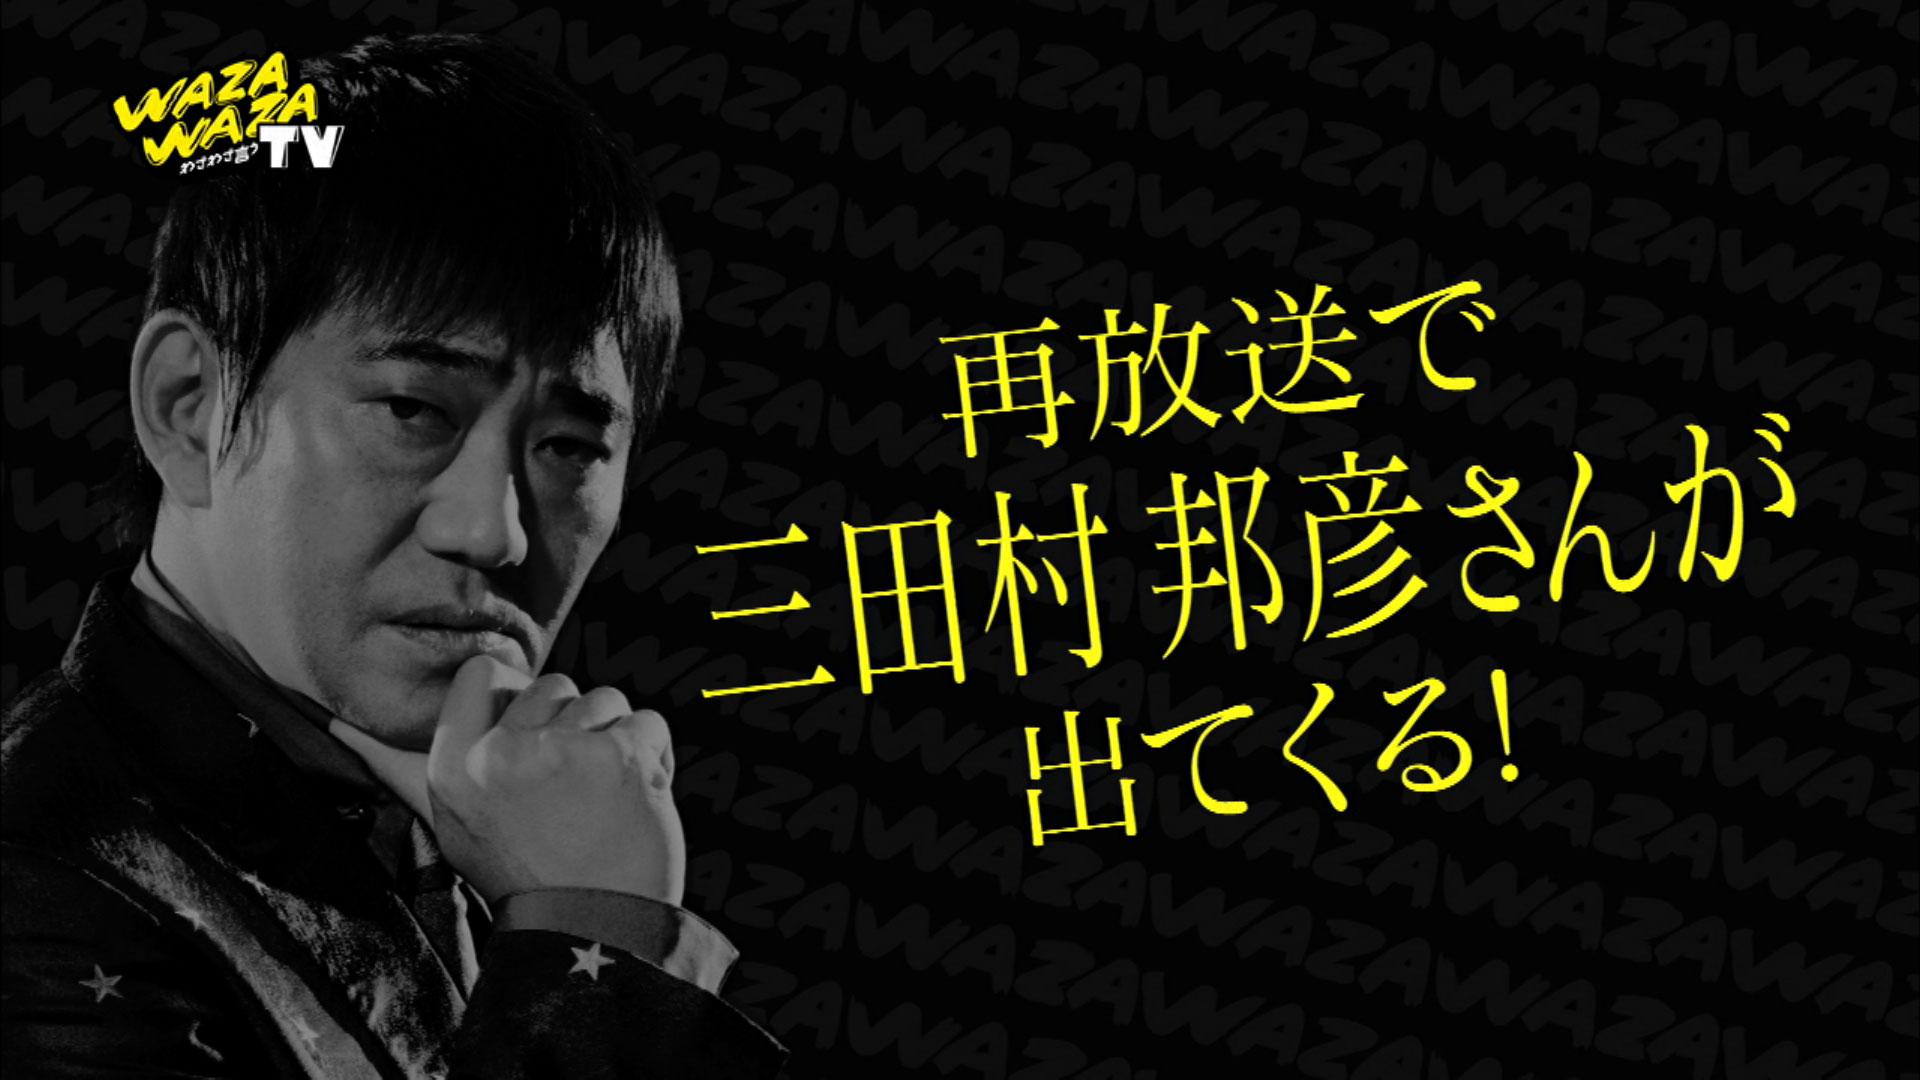 再放送で三田村邦彦さんが出てくる!